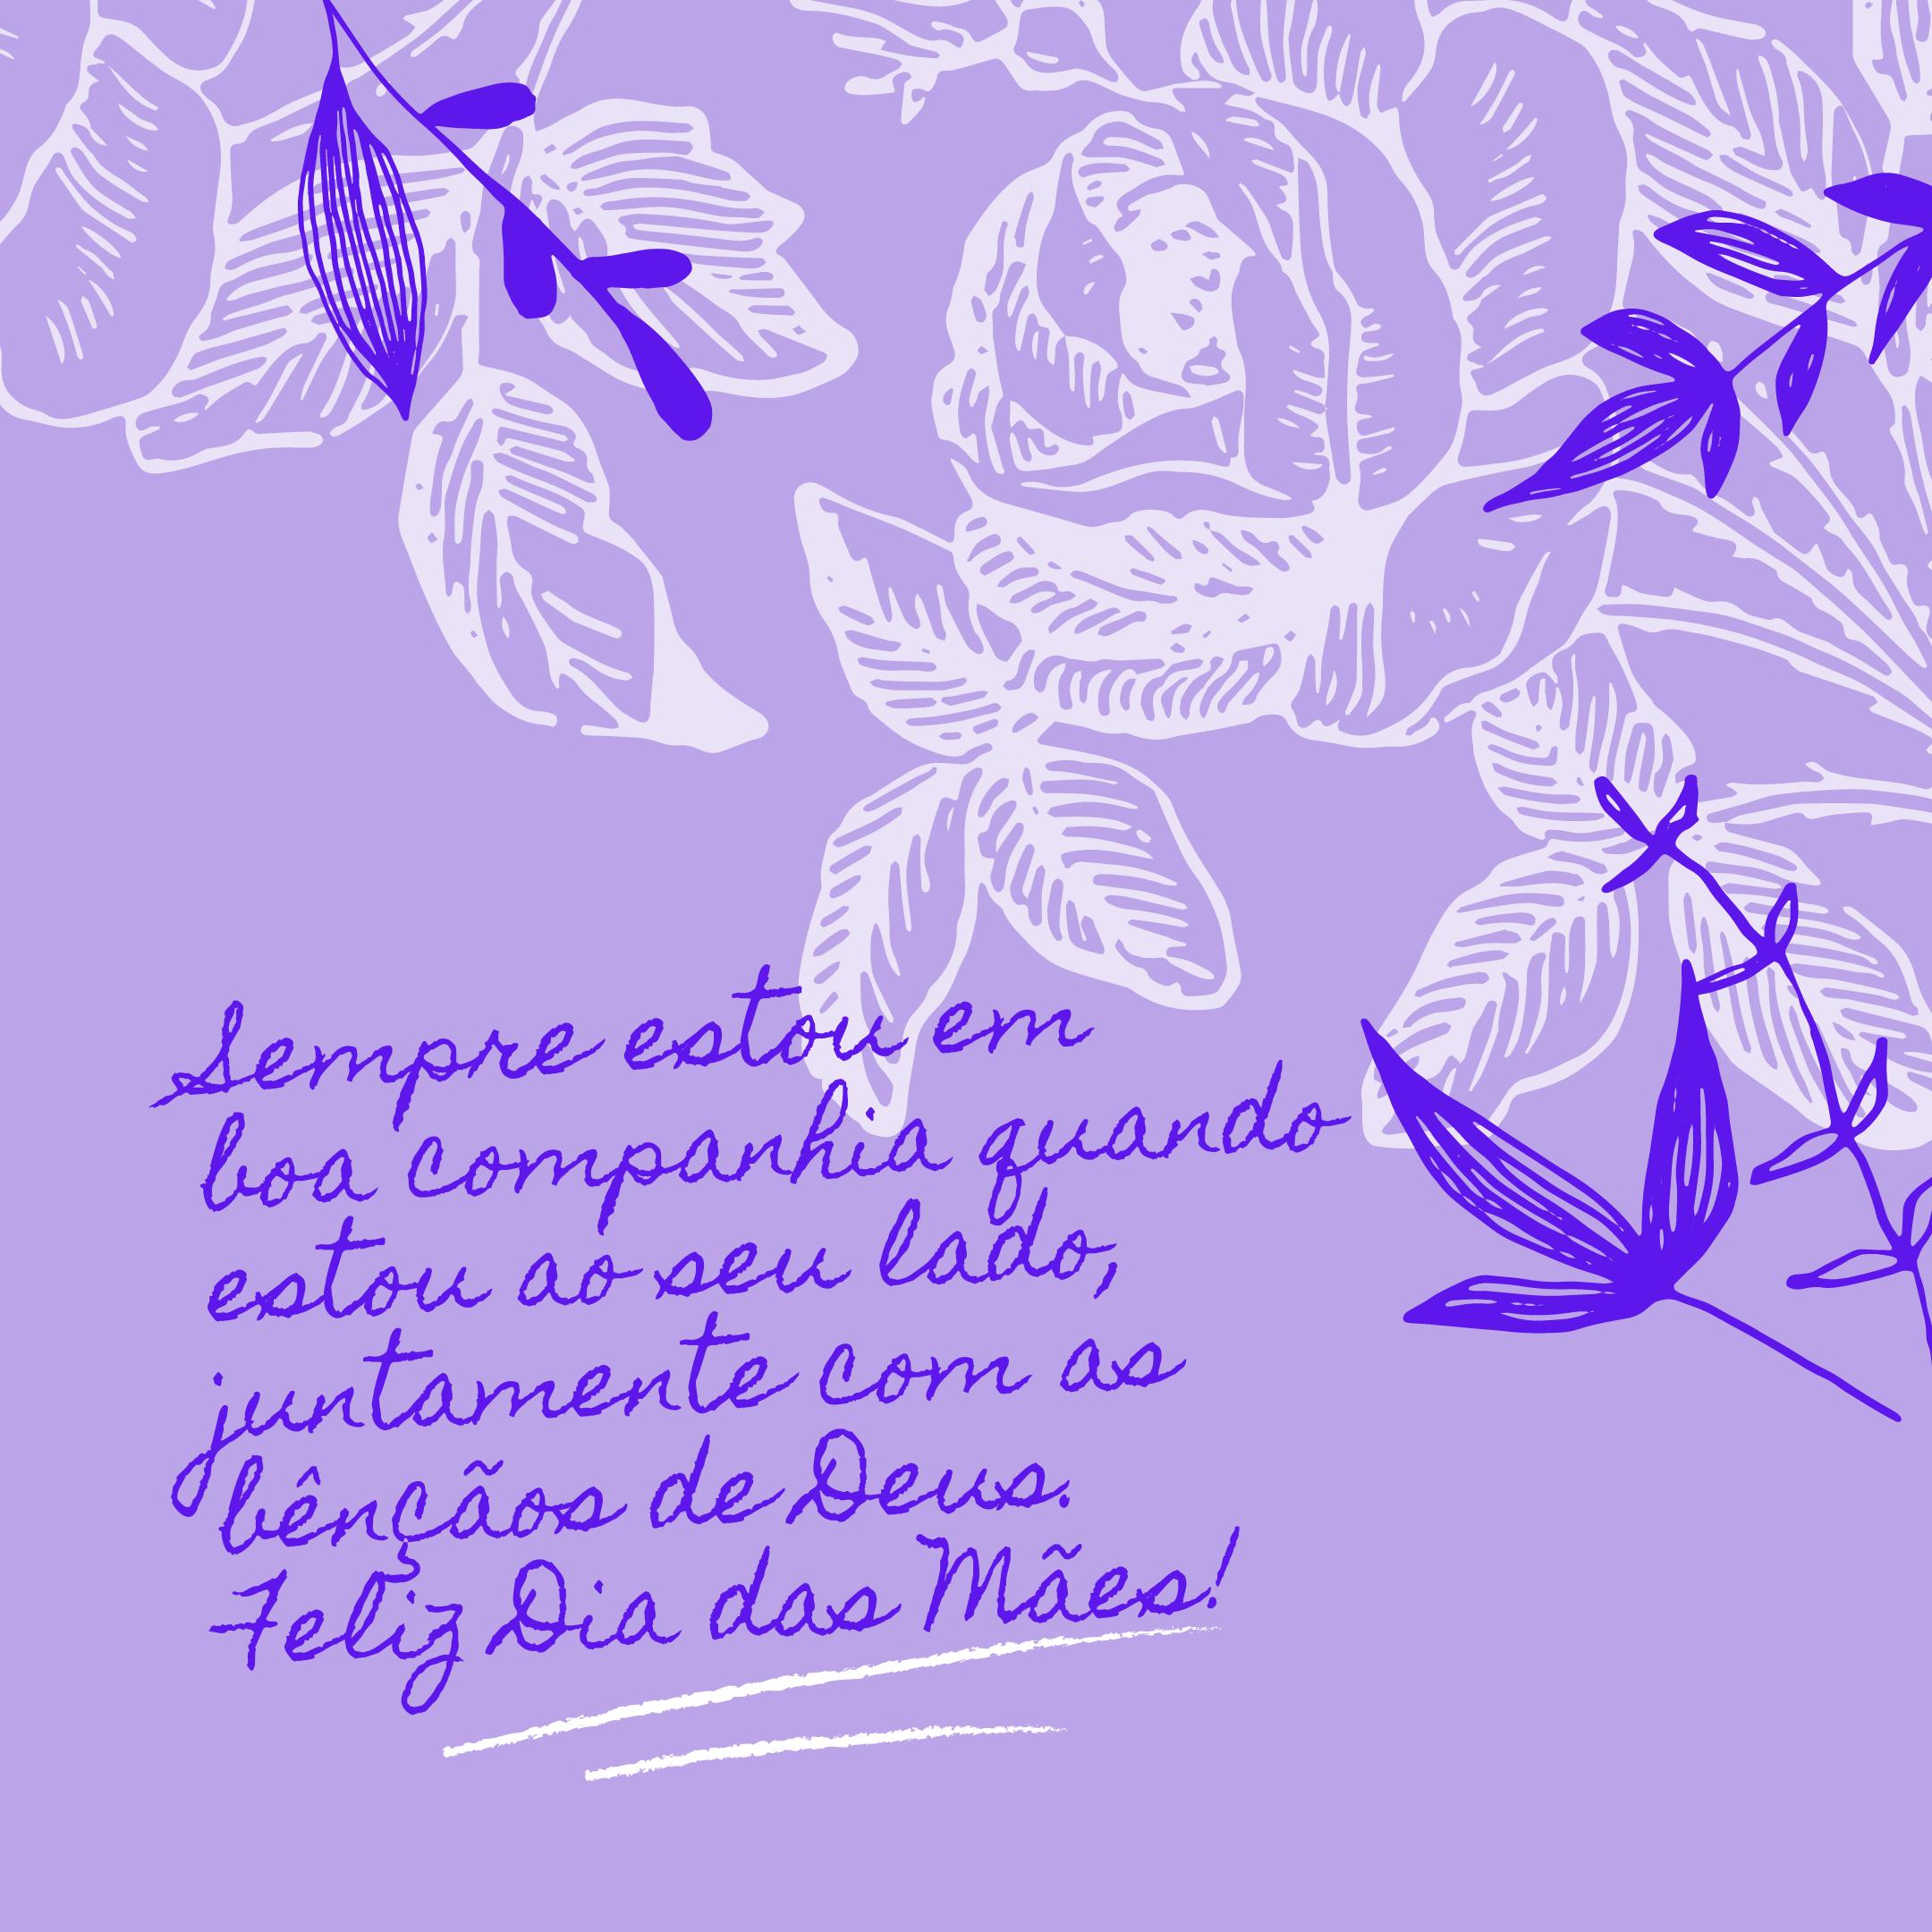 Sempre estou em boa companhia quando estou ao seu lado, juntamente com as bênçãos de Deus. Feliz Dia das Mães!